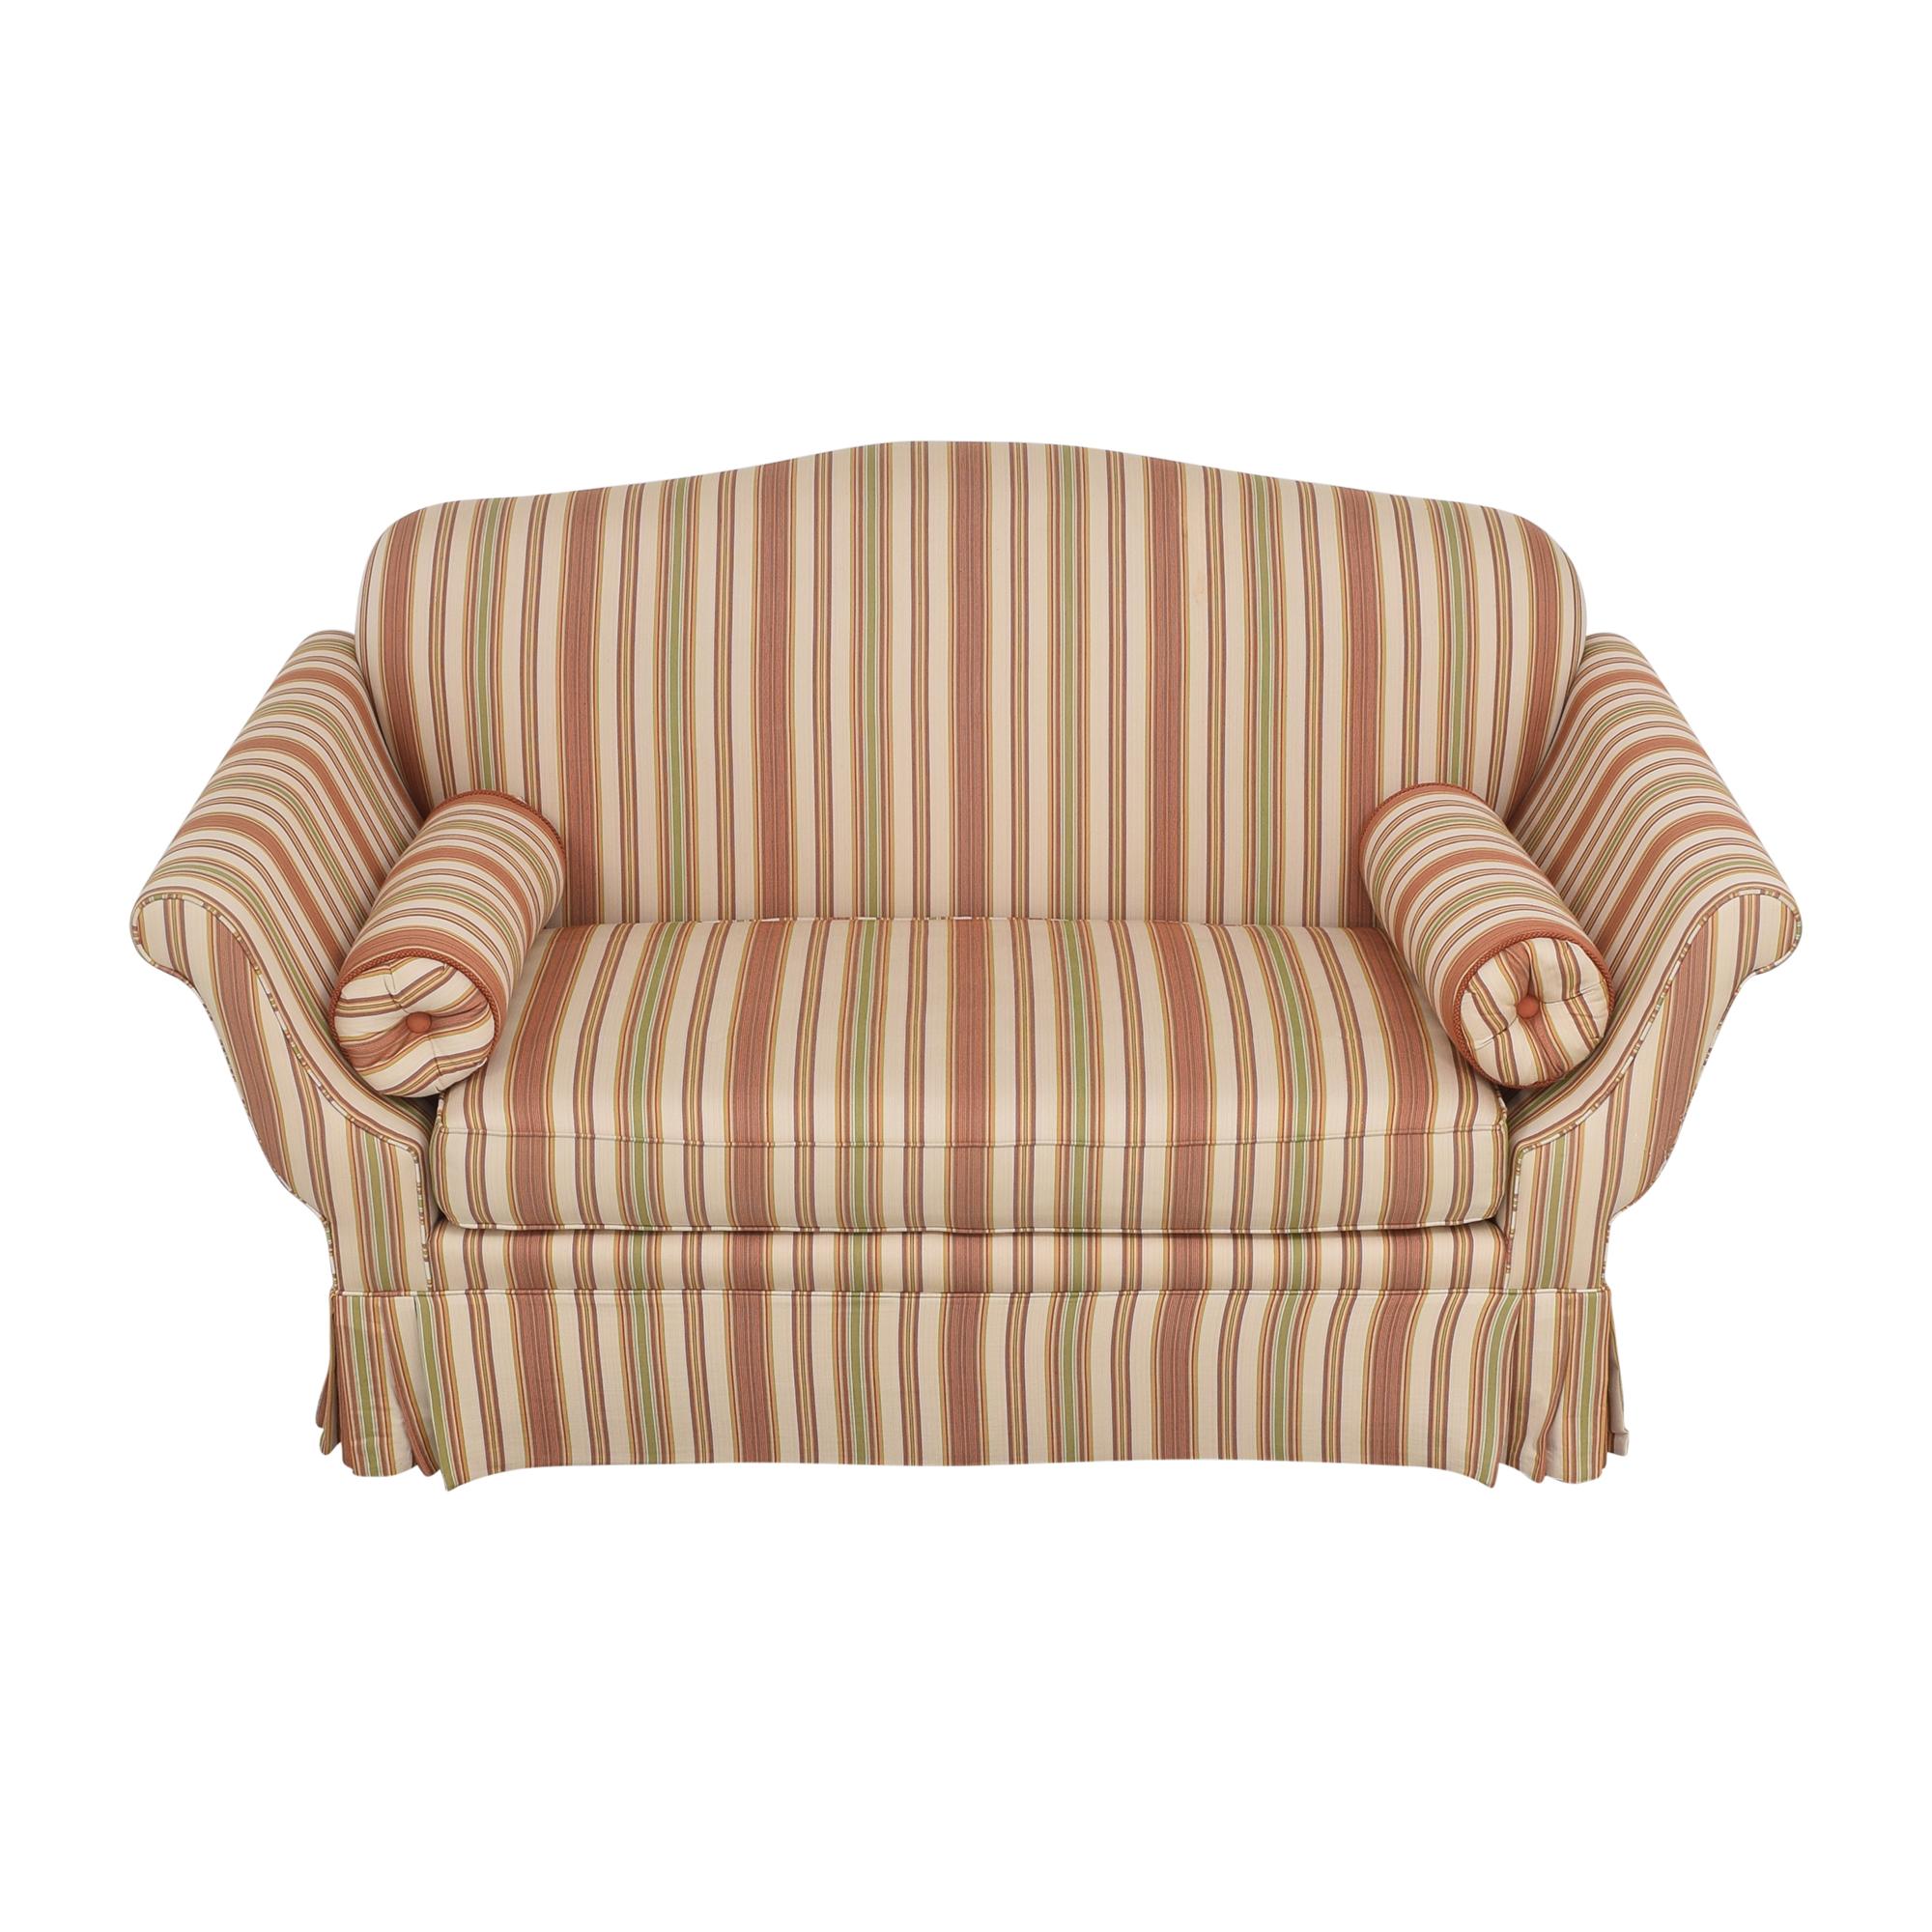 Taylor King Taylor King Camelback Bench Cushion Sofa nyc